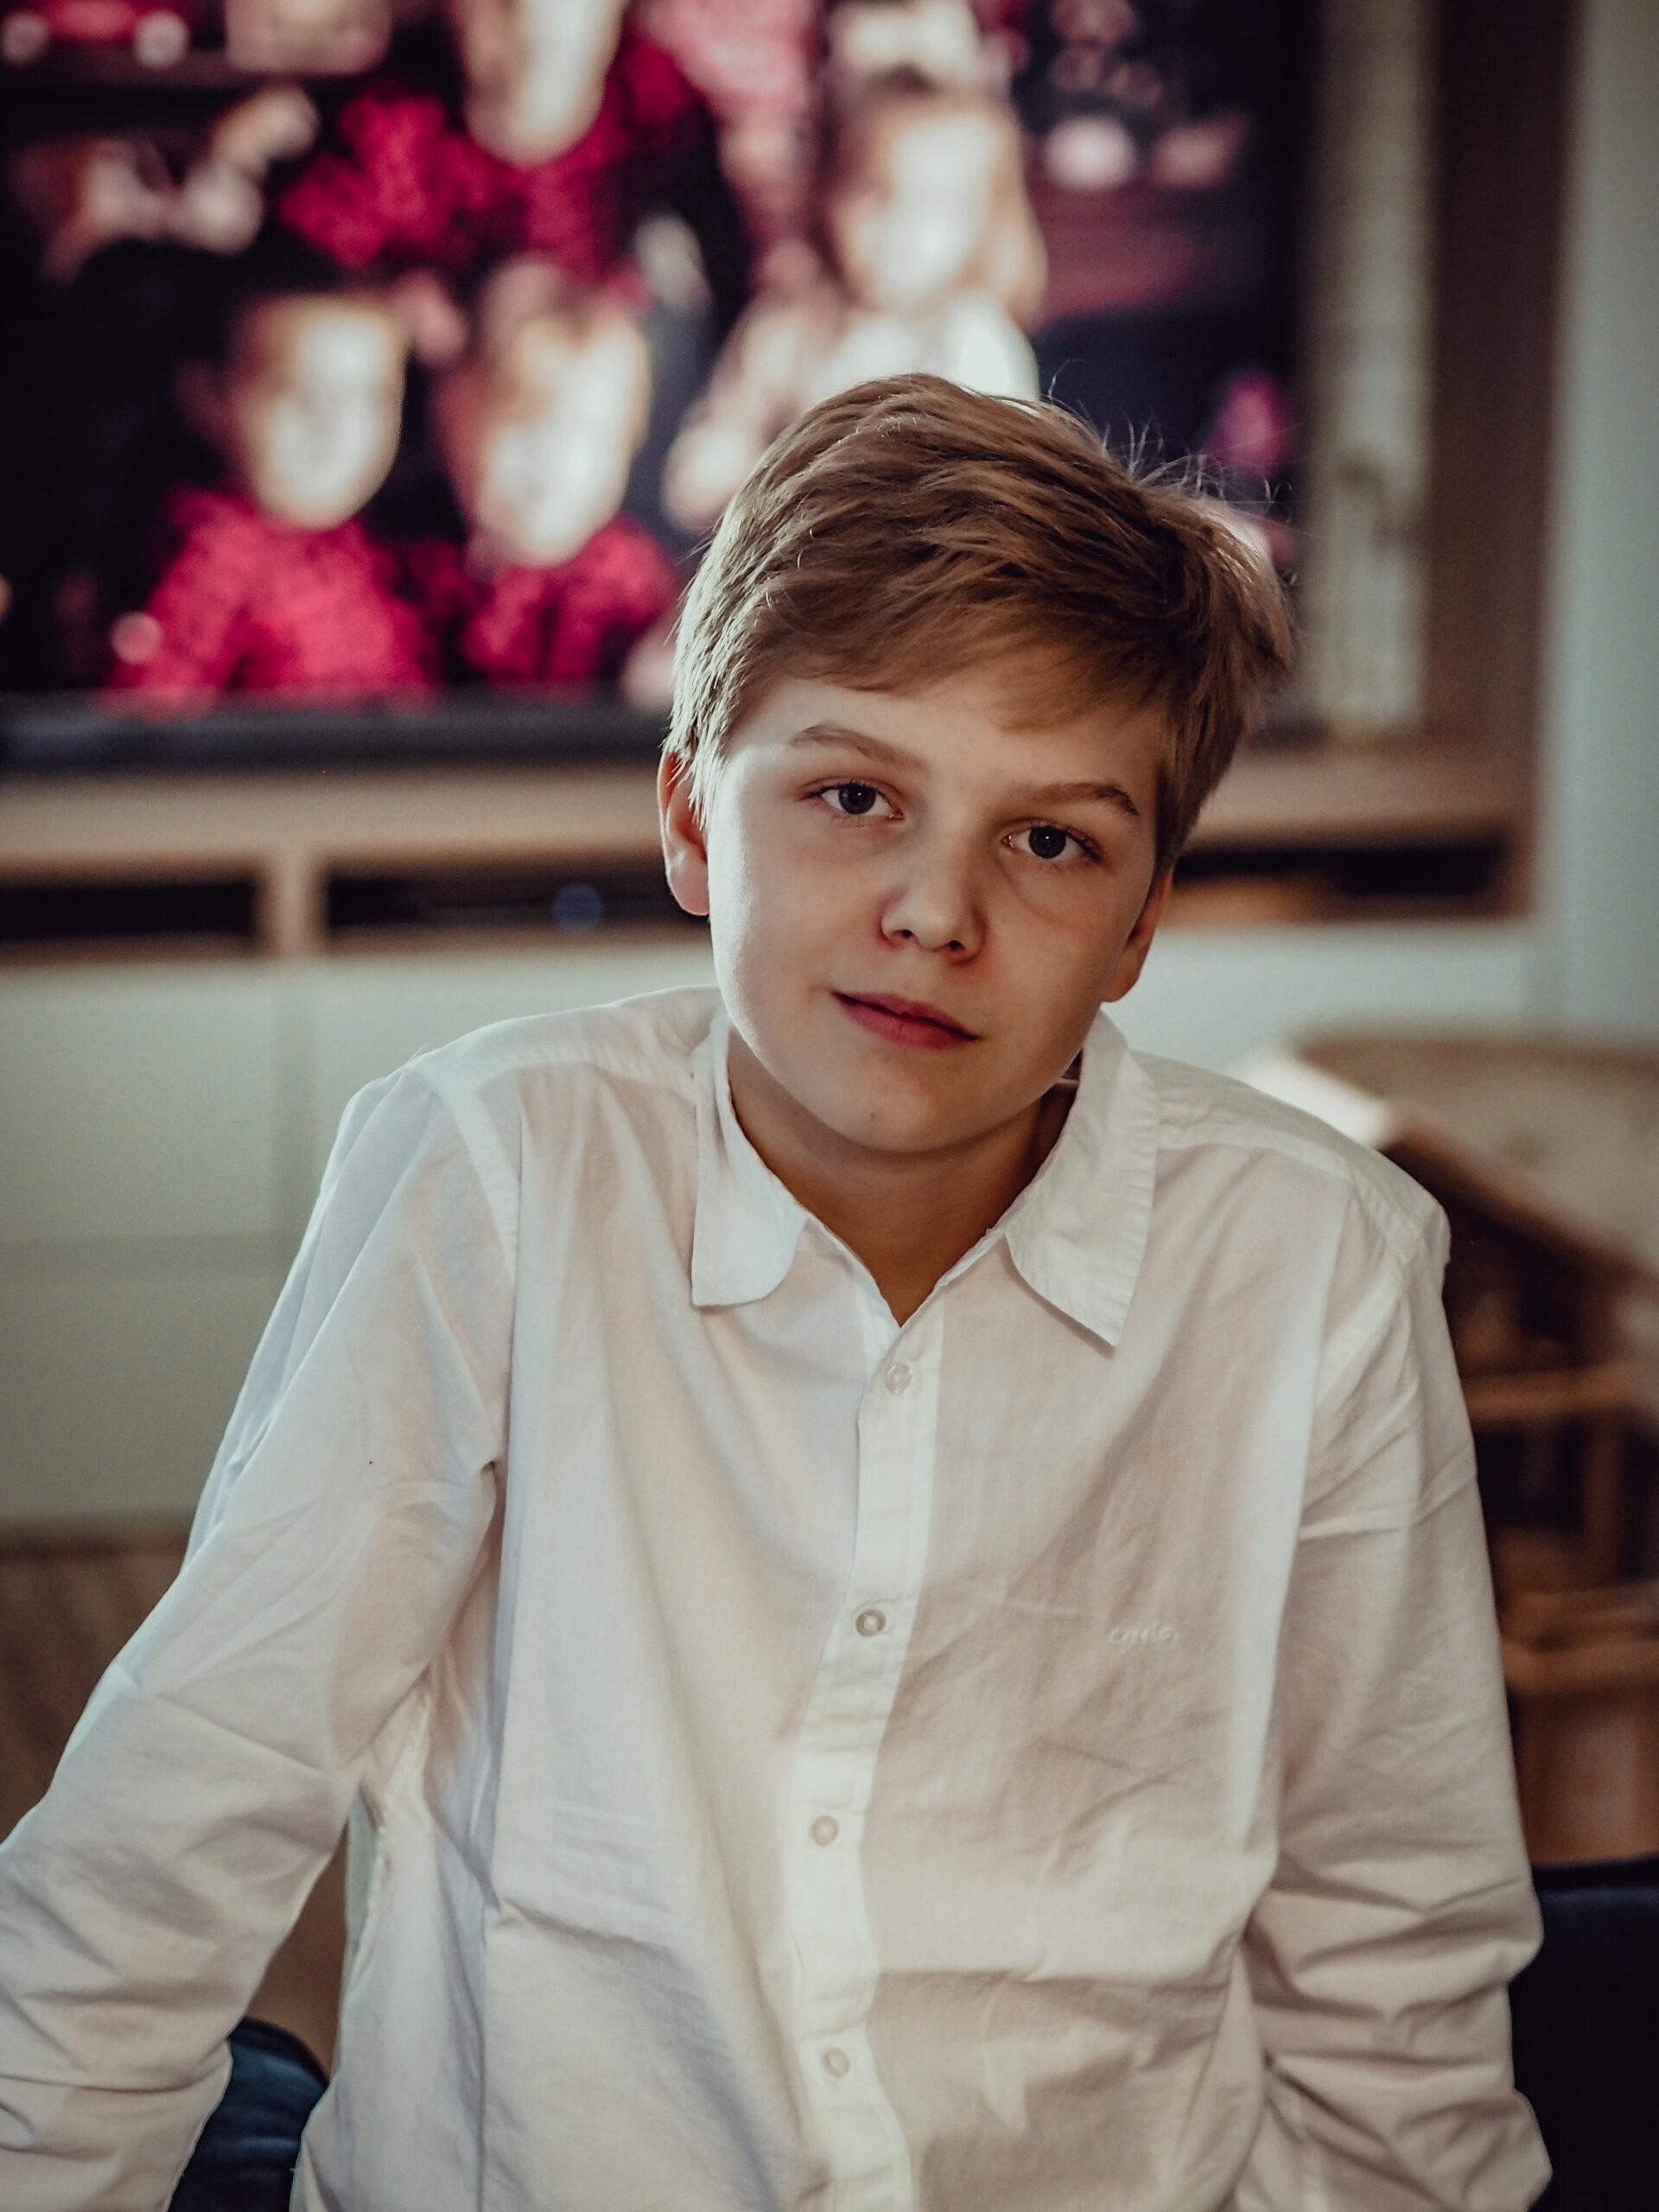 Nastoletni chłopiec w ubraniu na święta.